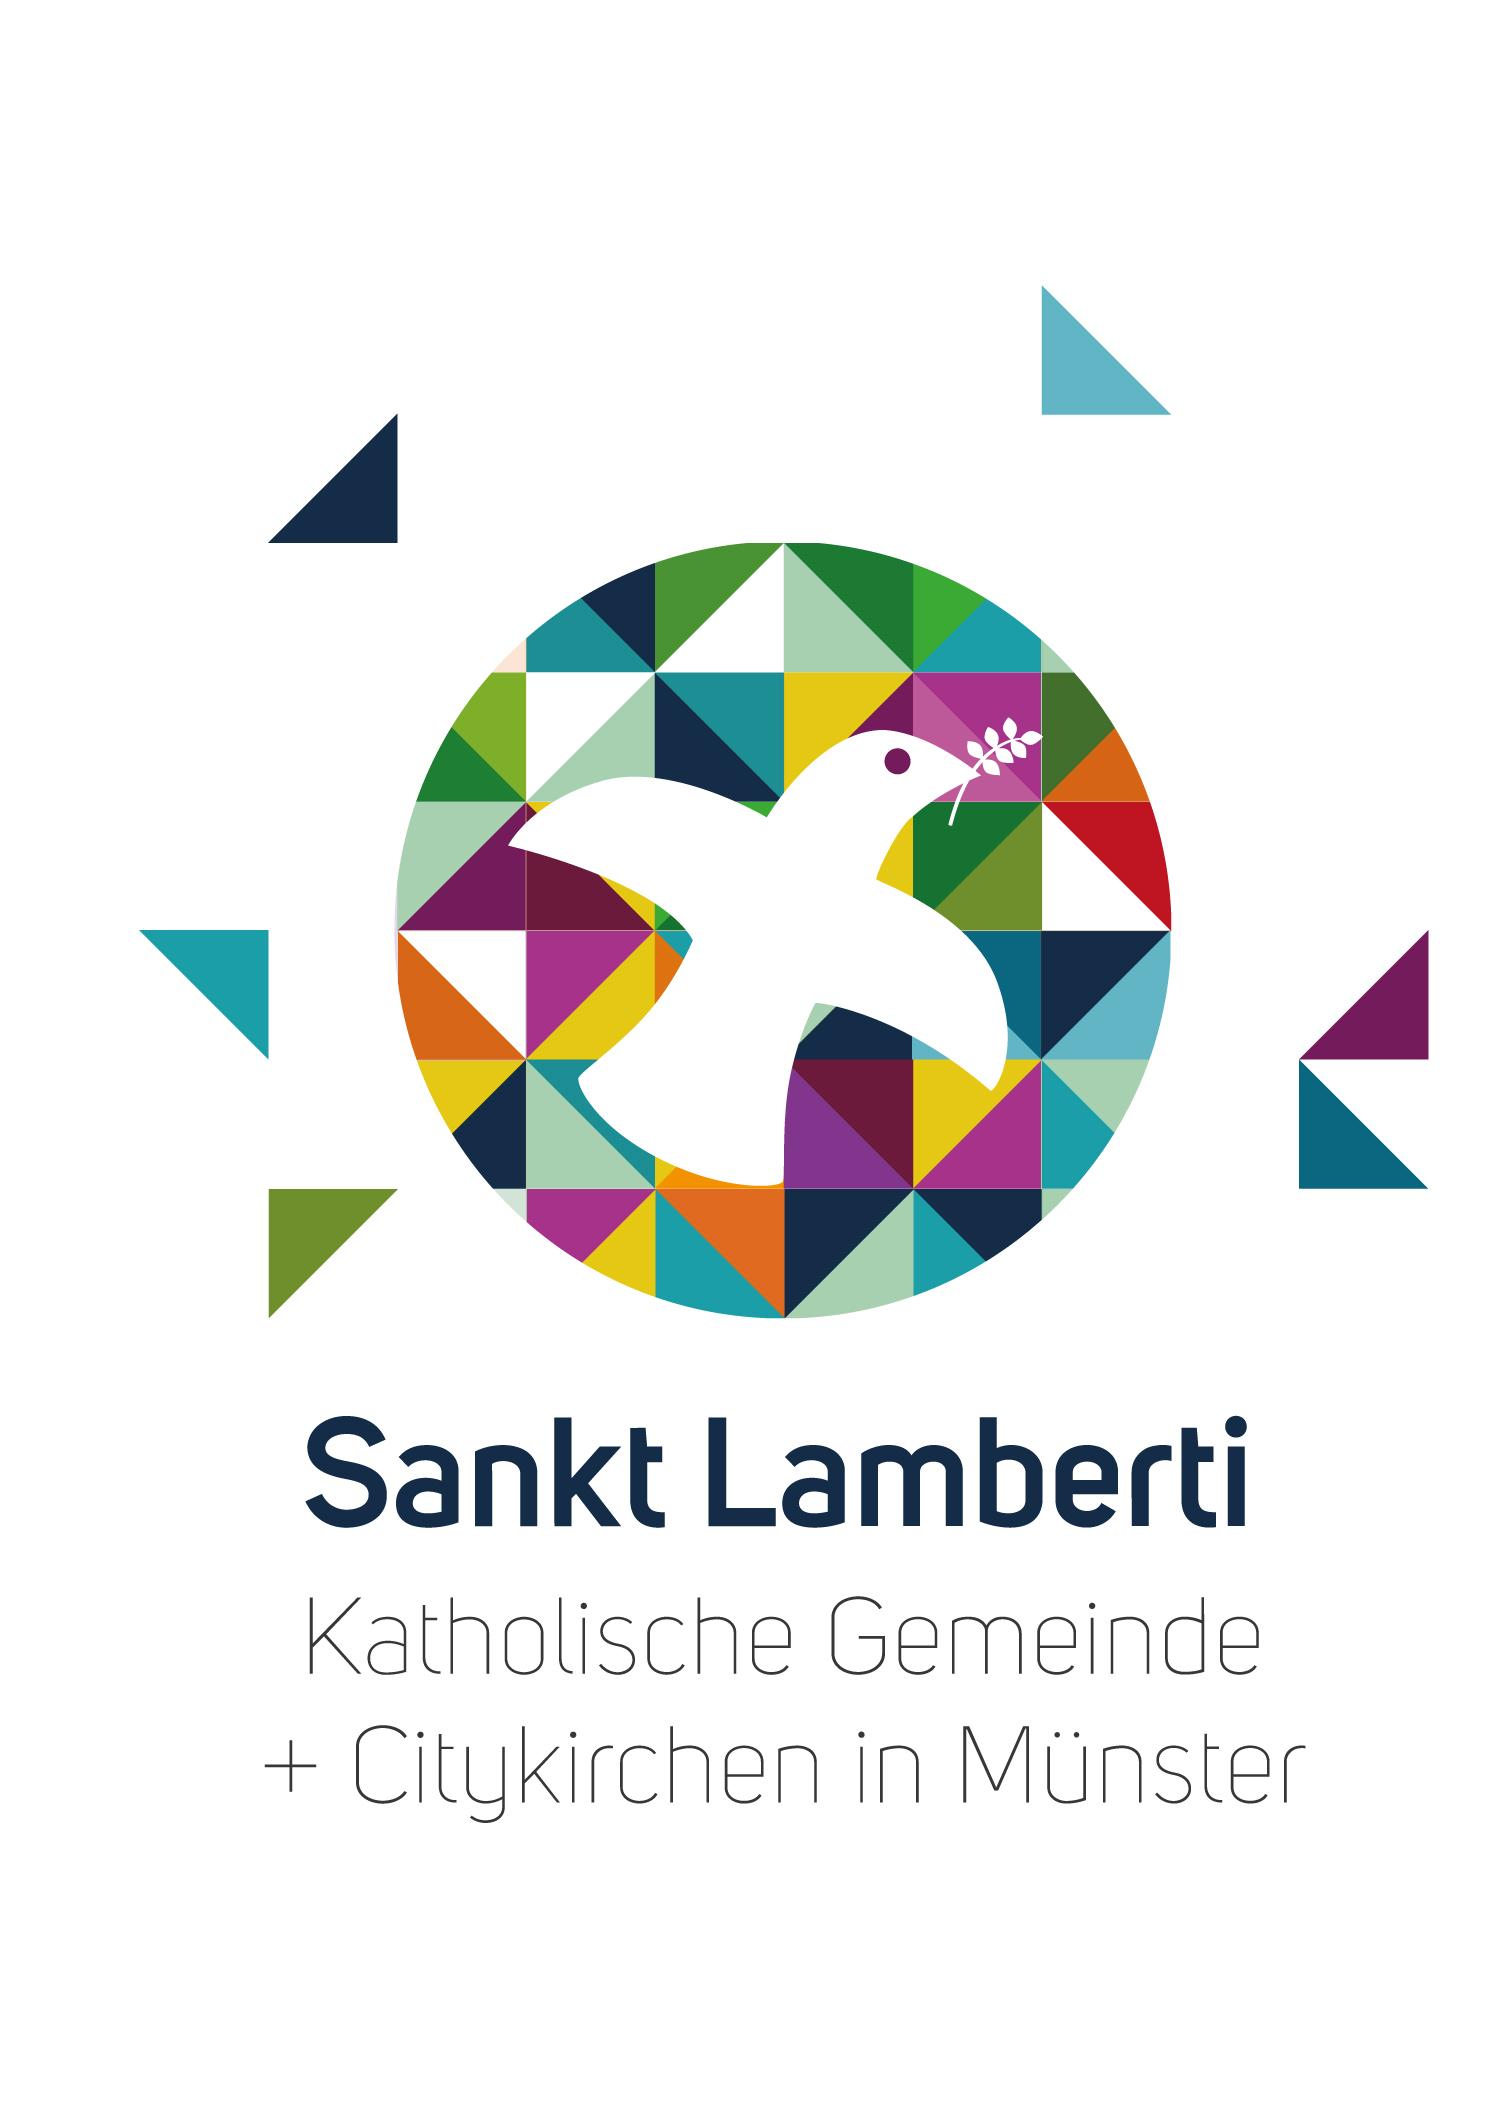 Sankt Lamberti